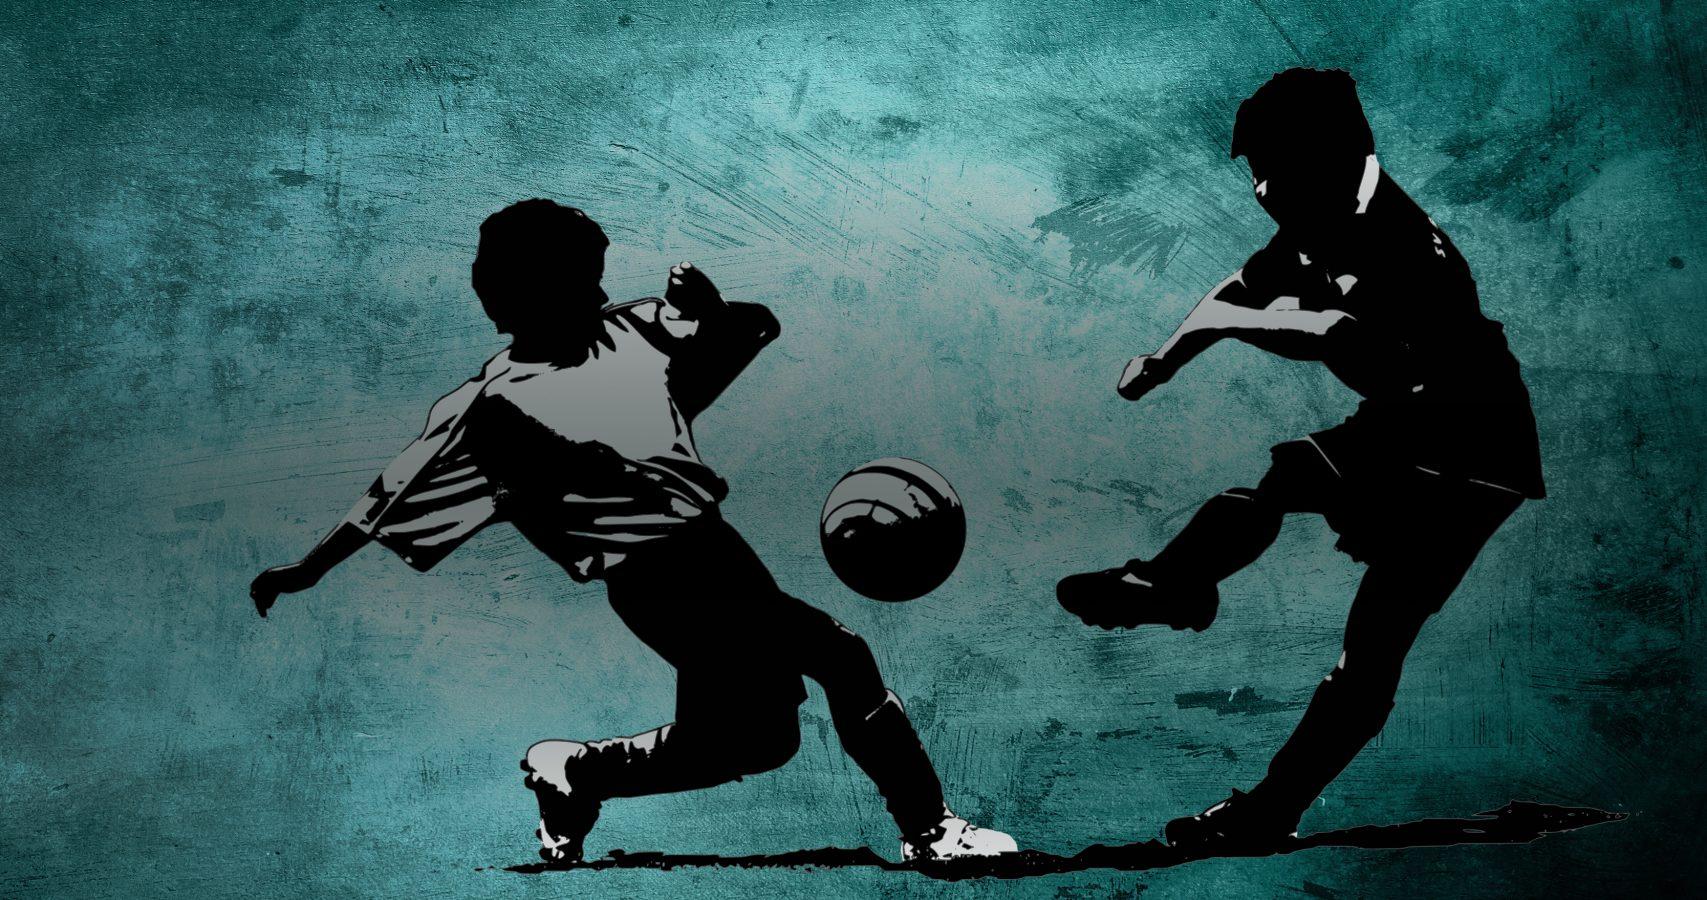 Fußballprofi werden? Schlechte Chancen für Dezember-Kinder